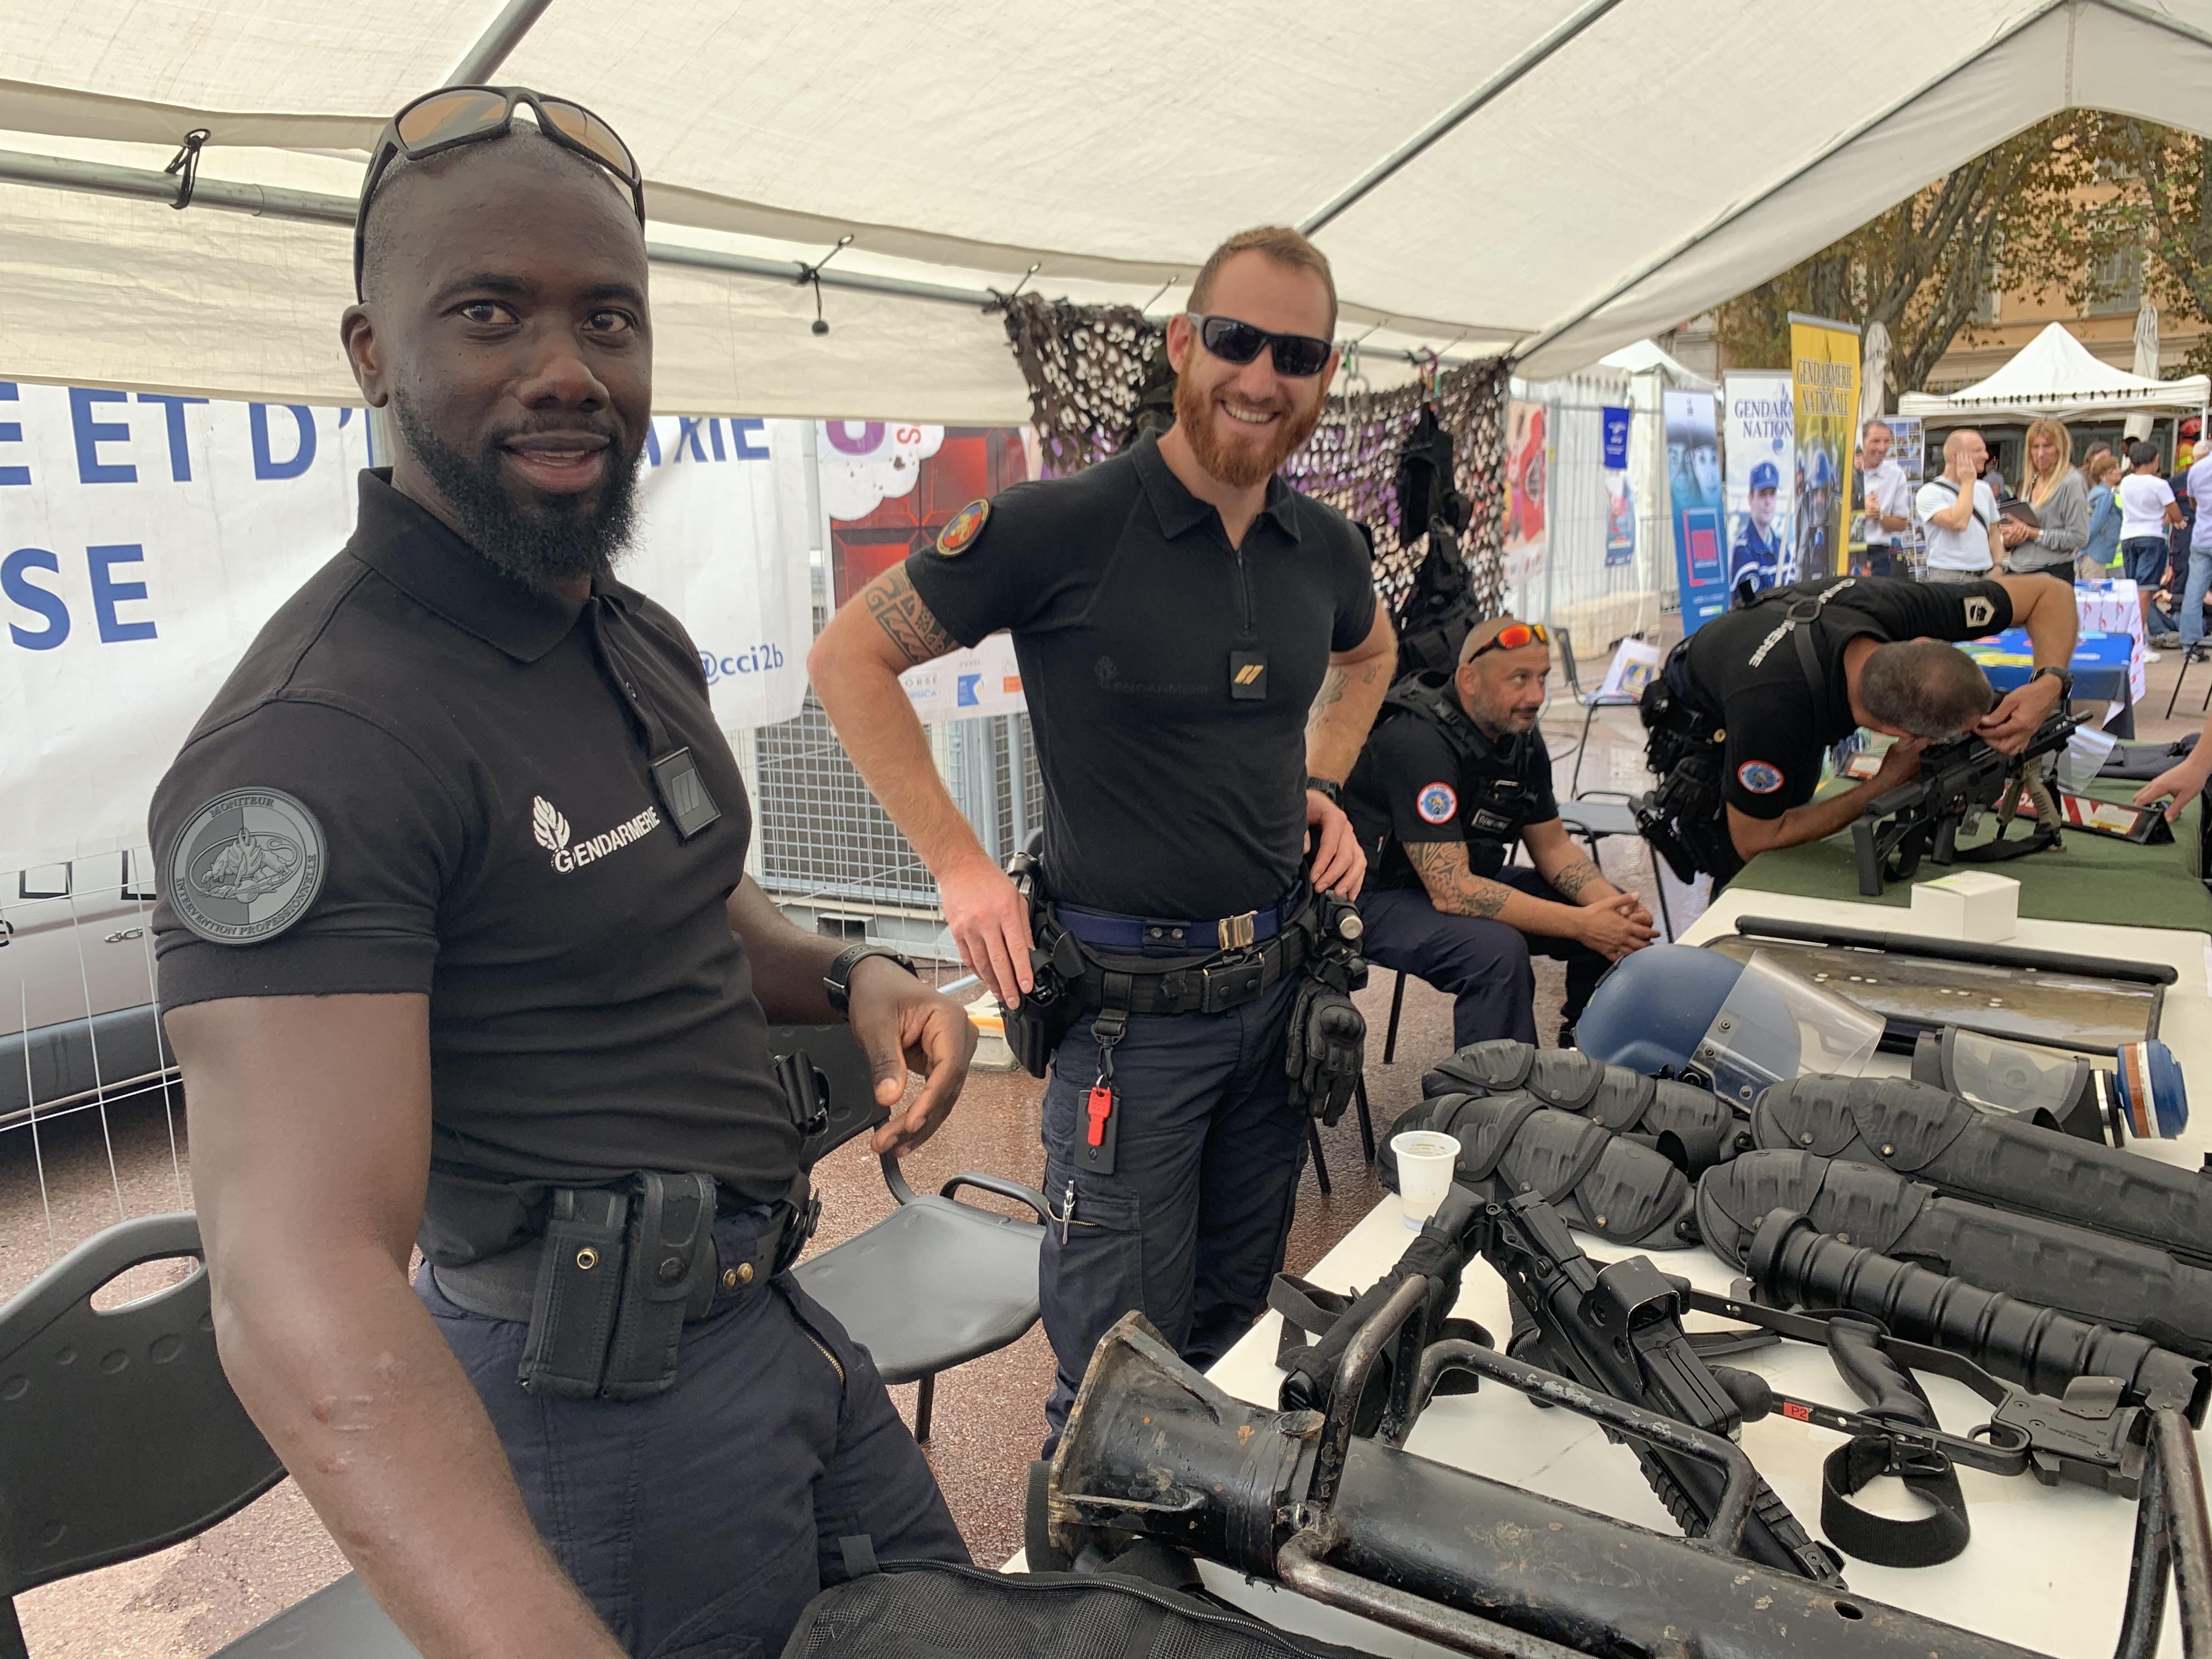 Haute-Corse : un village de la sécurité au cœur de Bastia